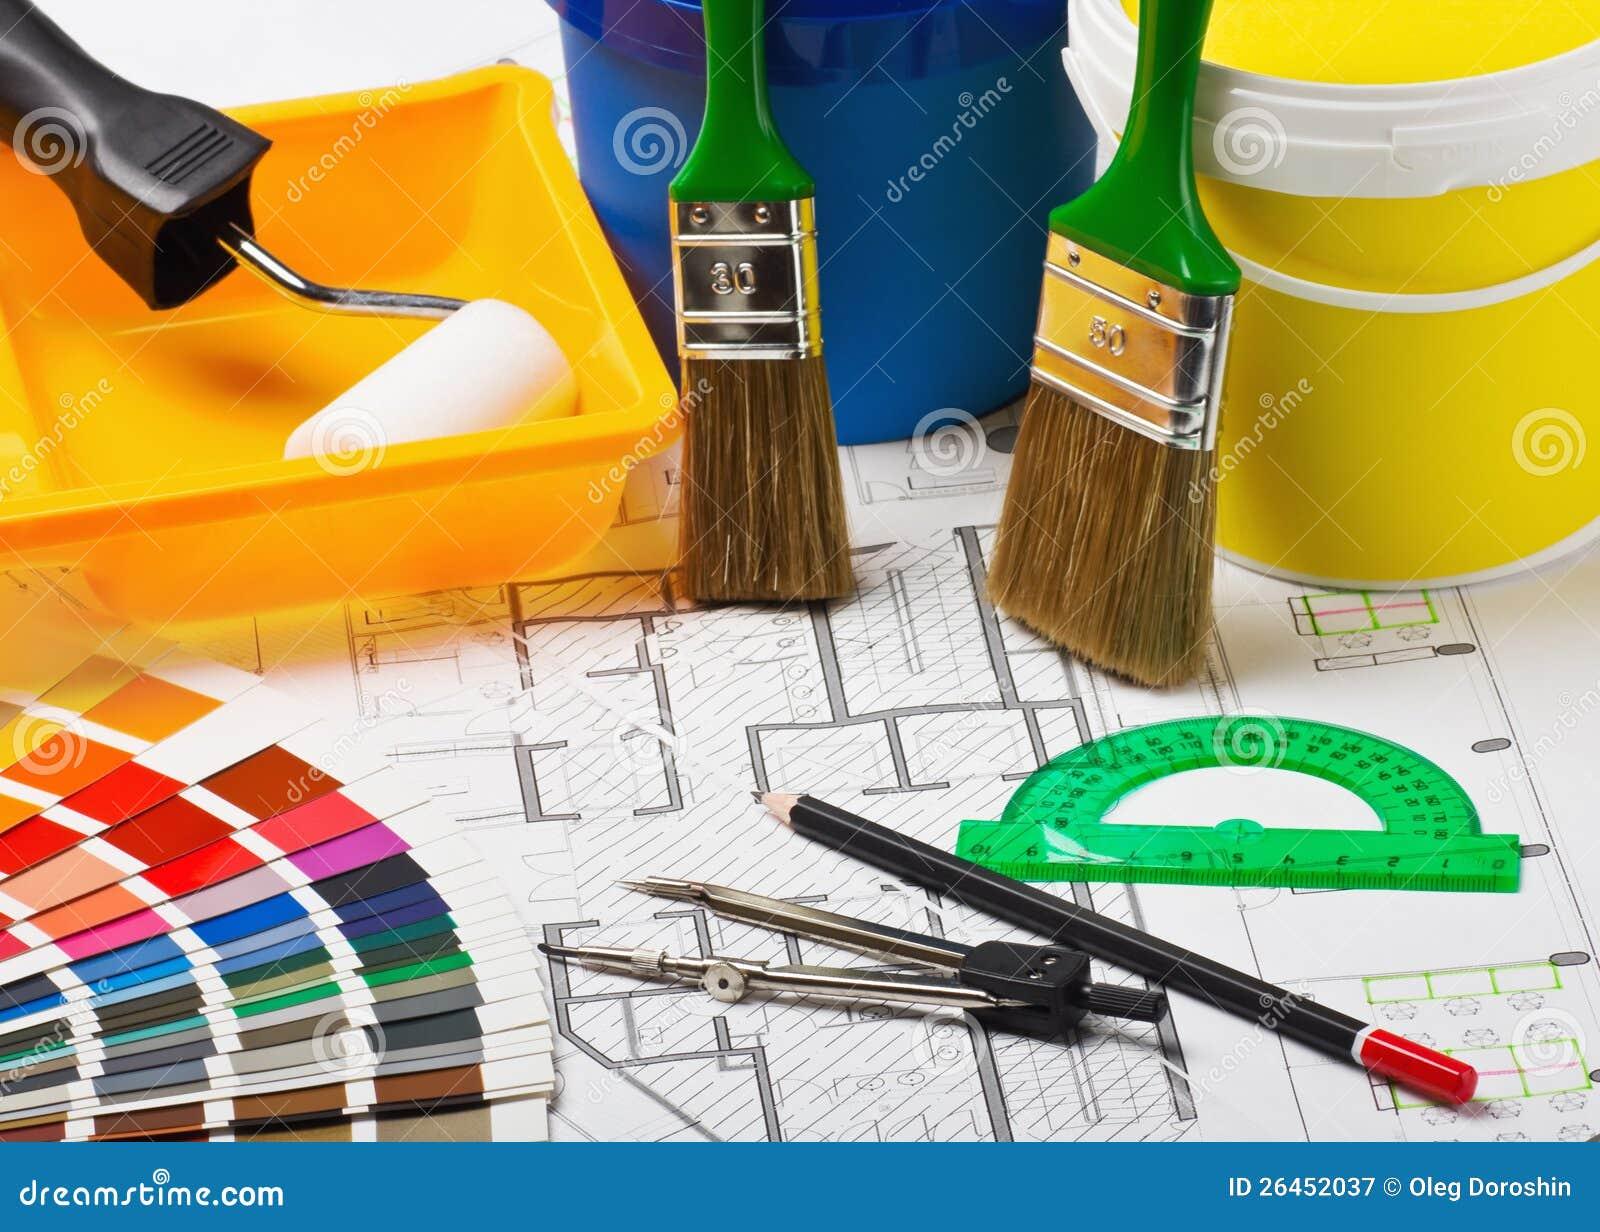 Materialen en voorraden voor reparatie royalty vrije stock fotografie afbeelding 26452037 - Kleur en materialen ...